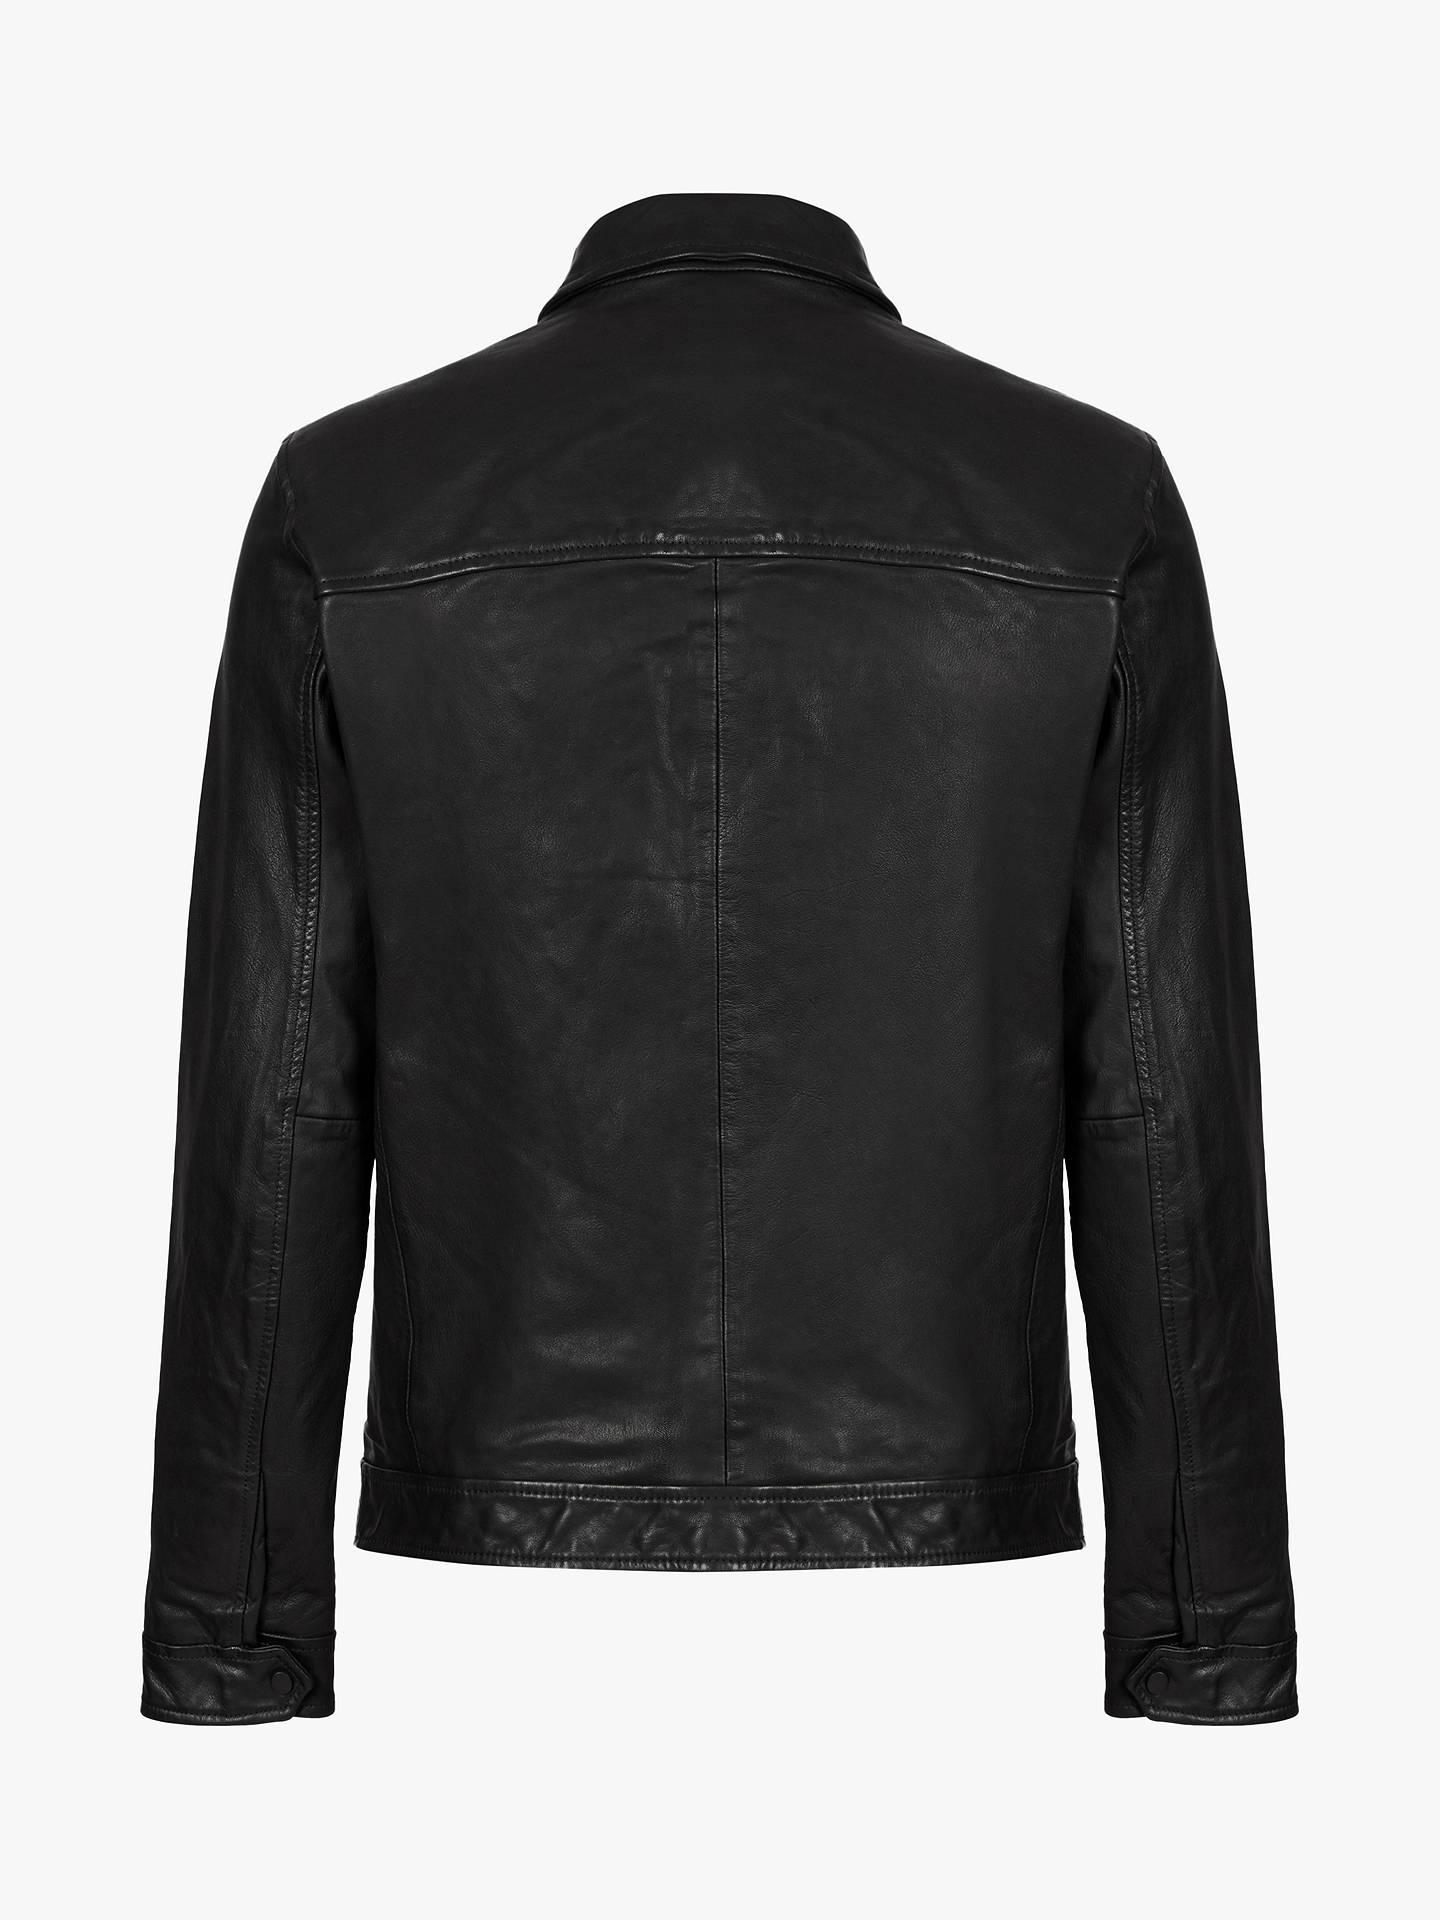 ... BuyAllSaints Lark Leather Jacket 27640b2c5